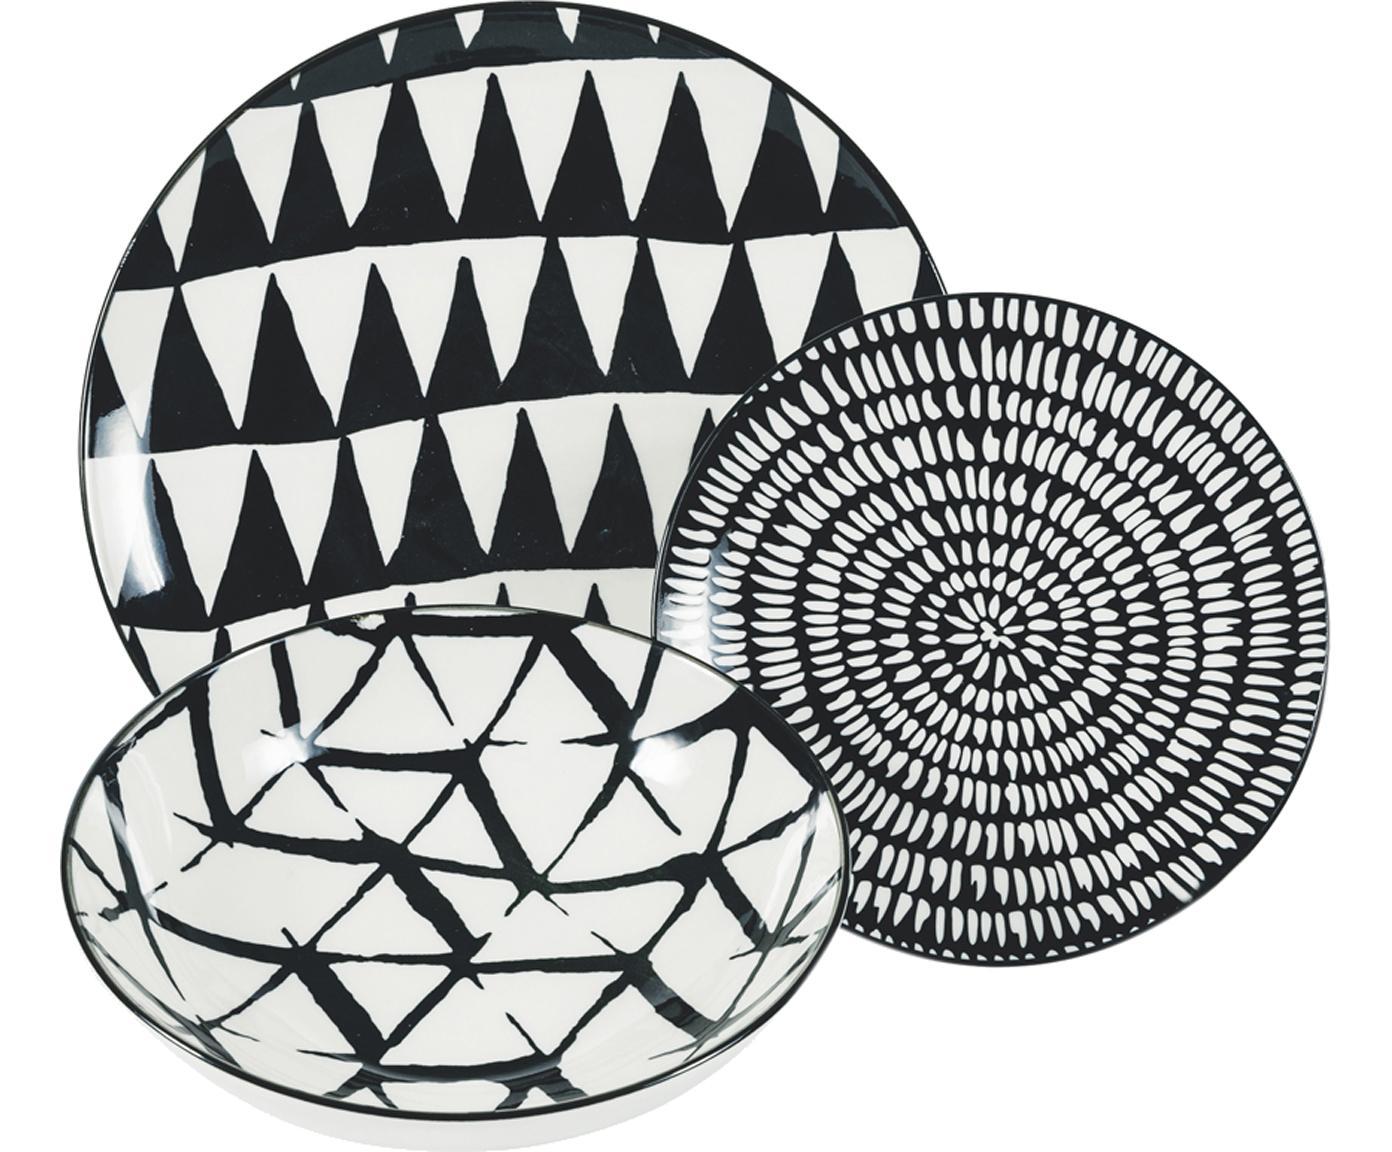 Set 18 piatti per 6 persone Mokala, Porcellana, Nero, bianco, Diverse dimensioni